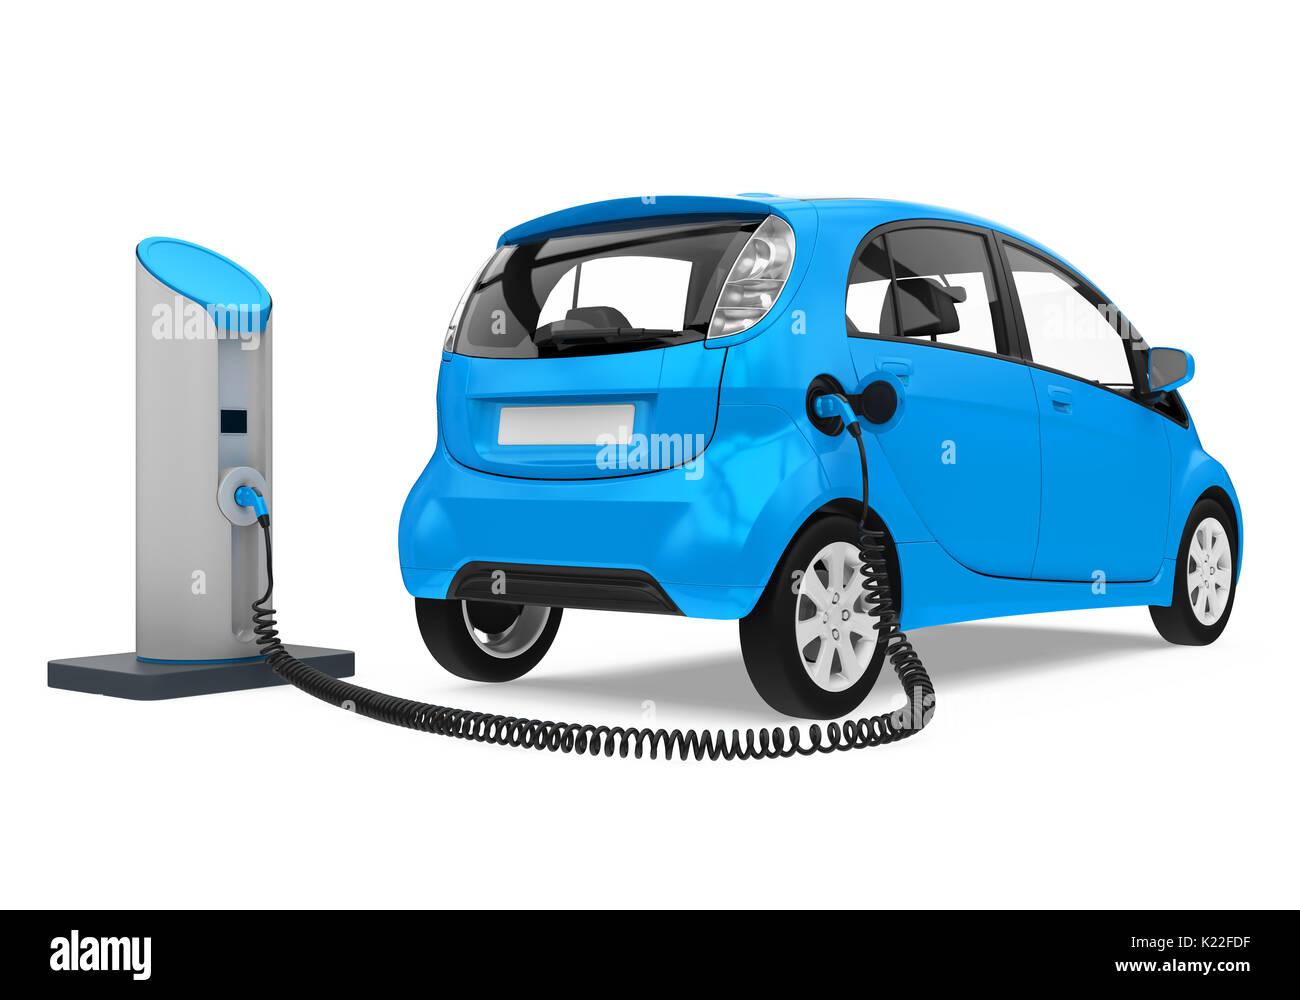 Electric Car Charging Berkeley